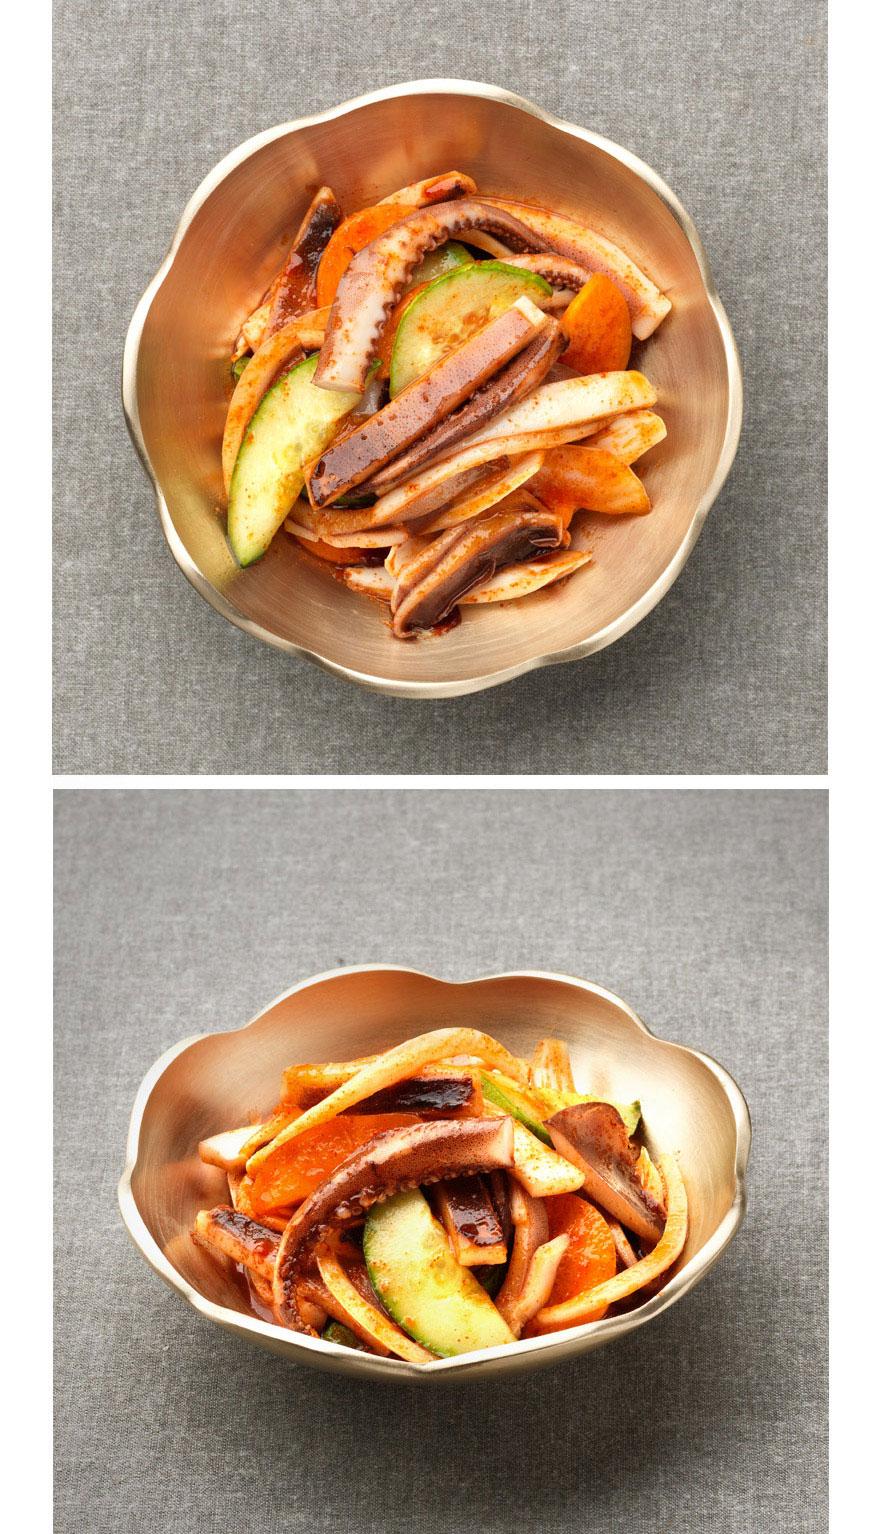 새콤달콤 오징어무침 새콤달콤하면서 쫄깃한 오징어무침이 몸에 활력을 불어넣어줘요. 나른하고 아무것도 하기 싫을 때 한 입 먹으면 정신이 번쩍 한답니다. 여기에 소면 살짝 삶아서 같이 먹어도 맛있어요.